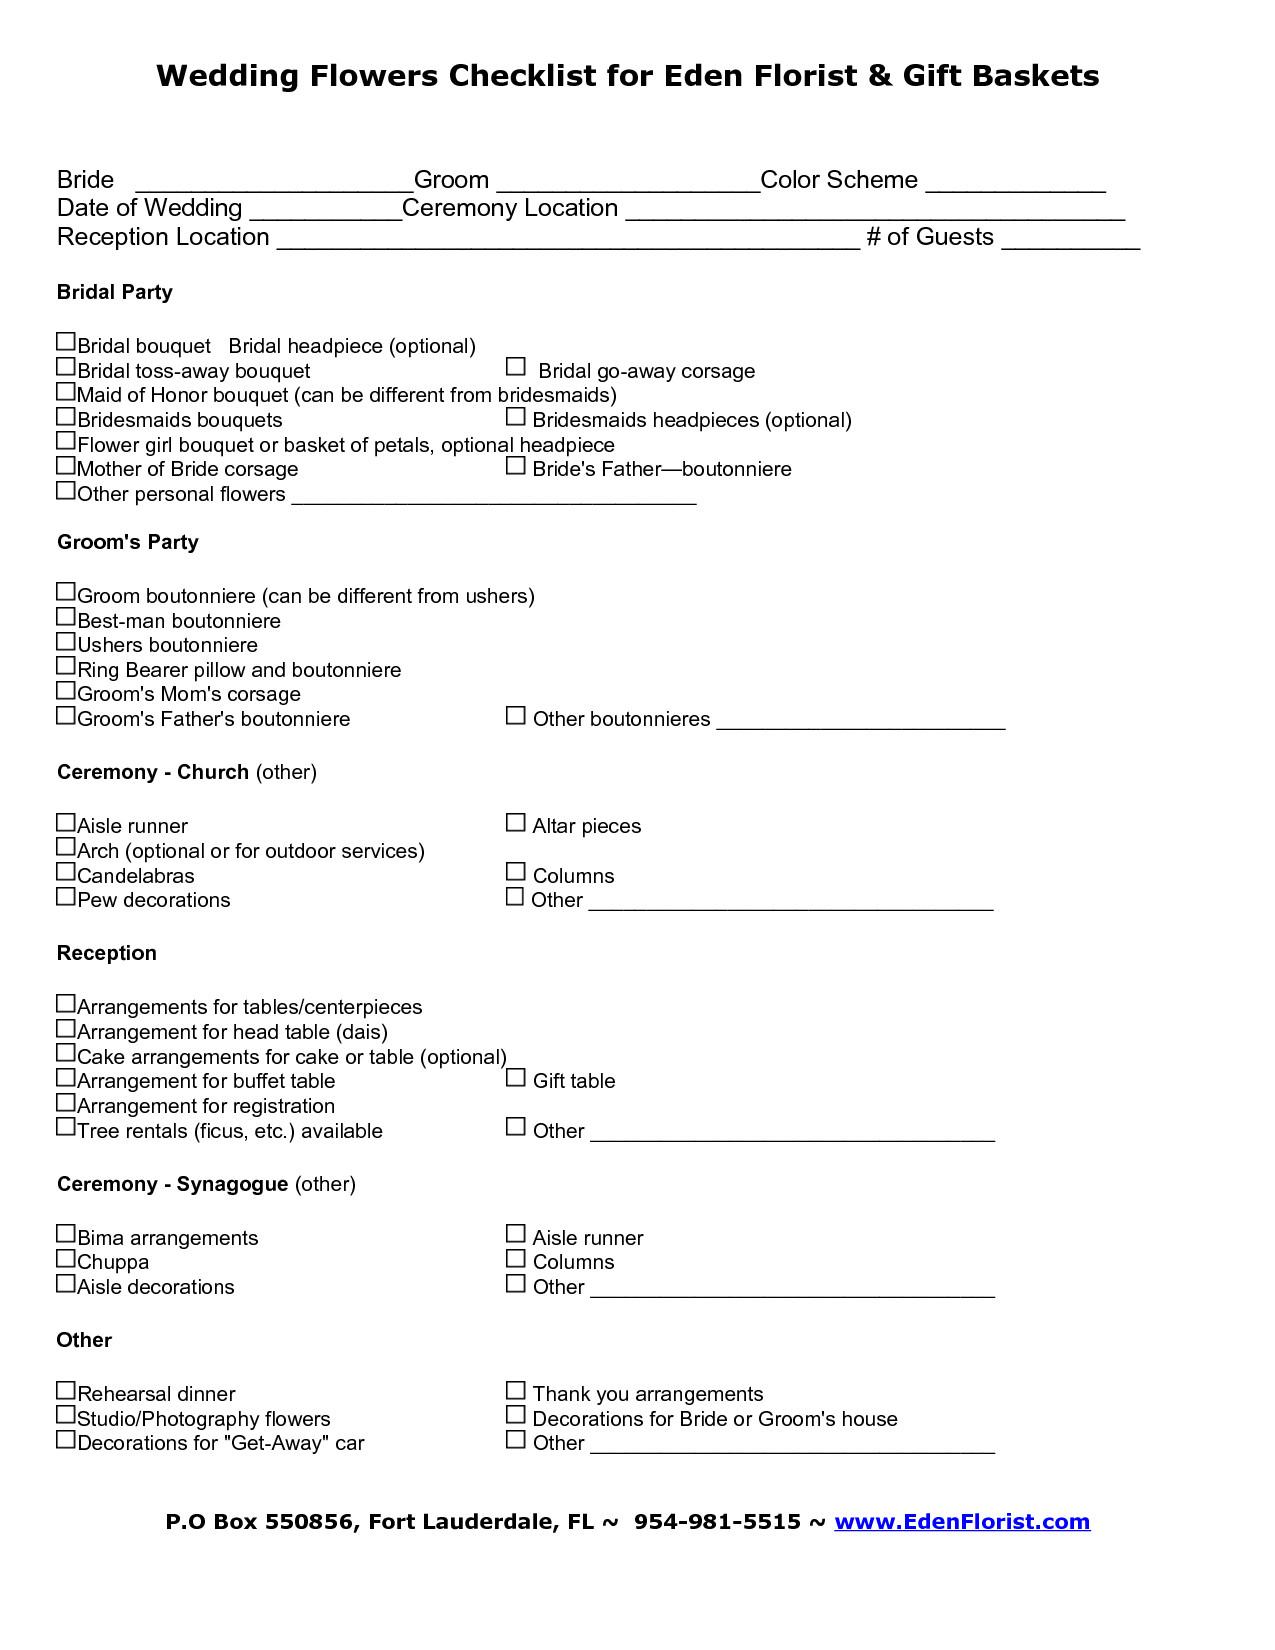 Wedding Flower Checklist Template Wedding Flowers Flower Checklist for Wedding